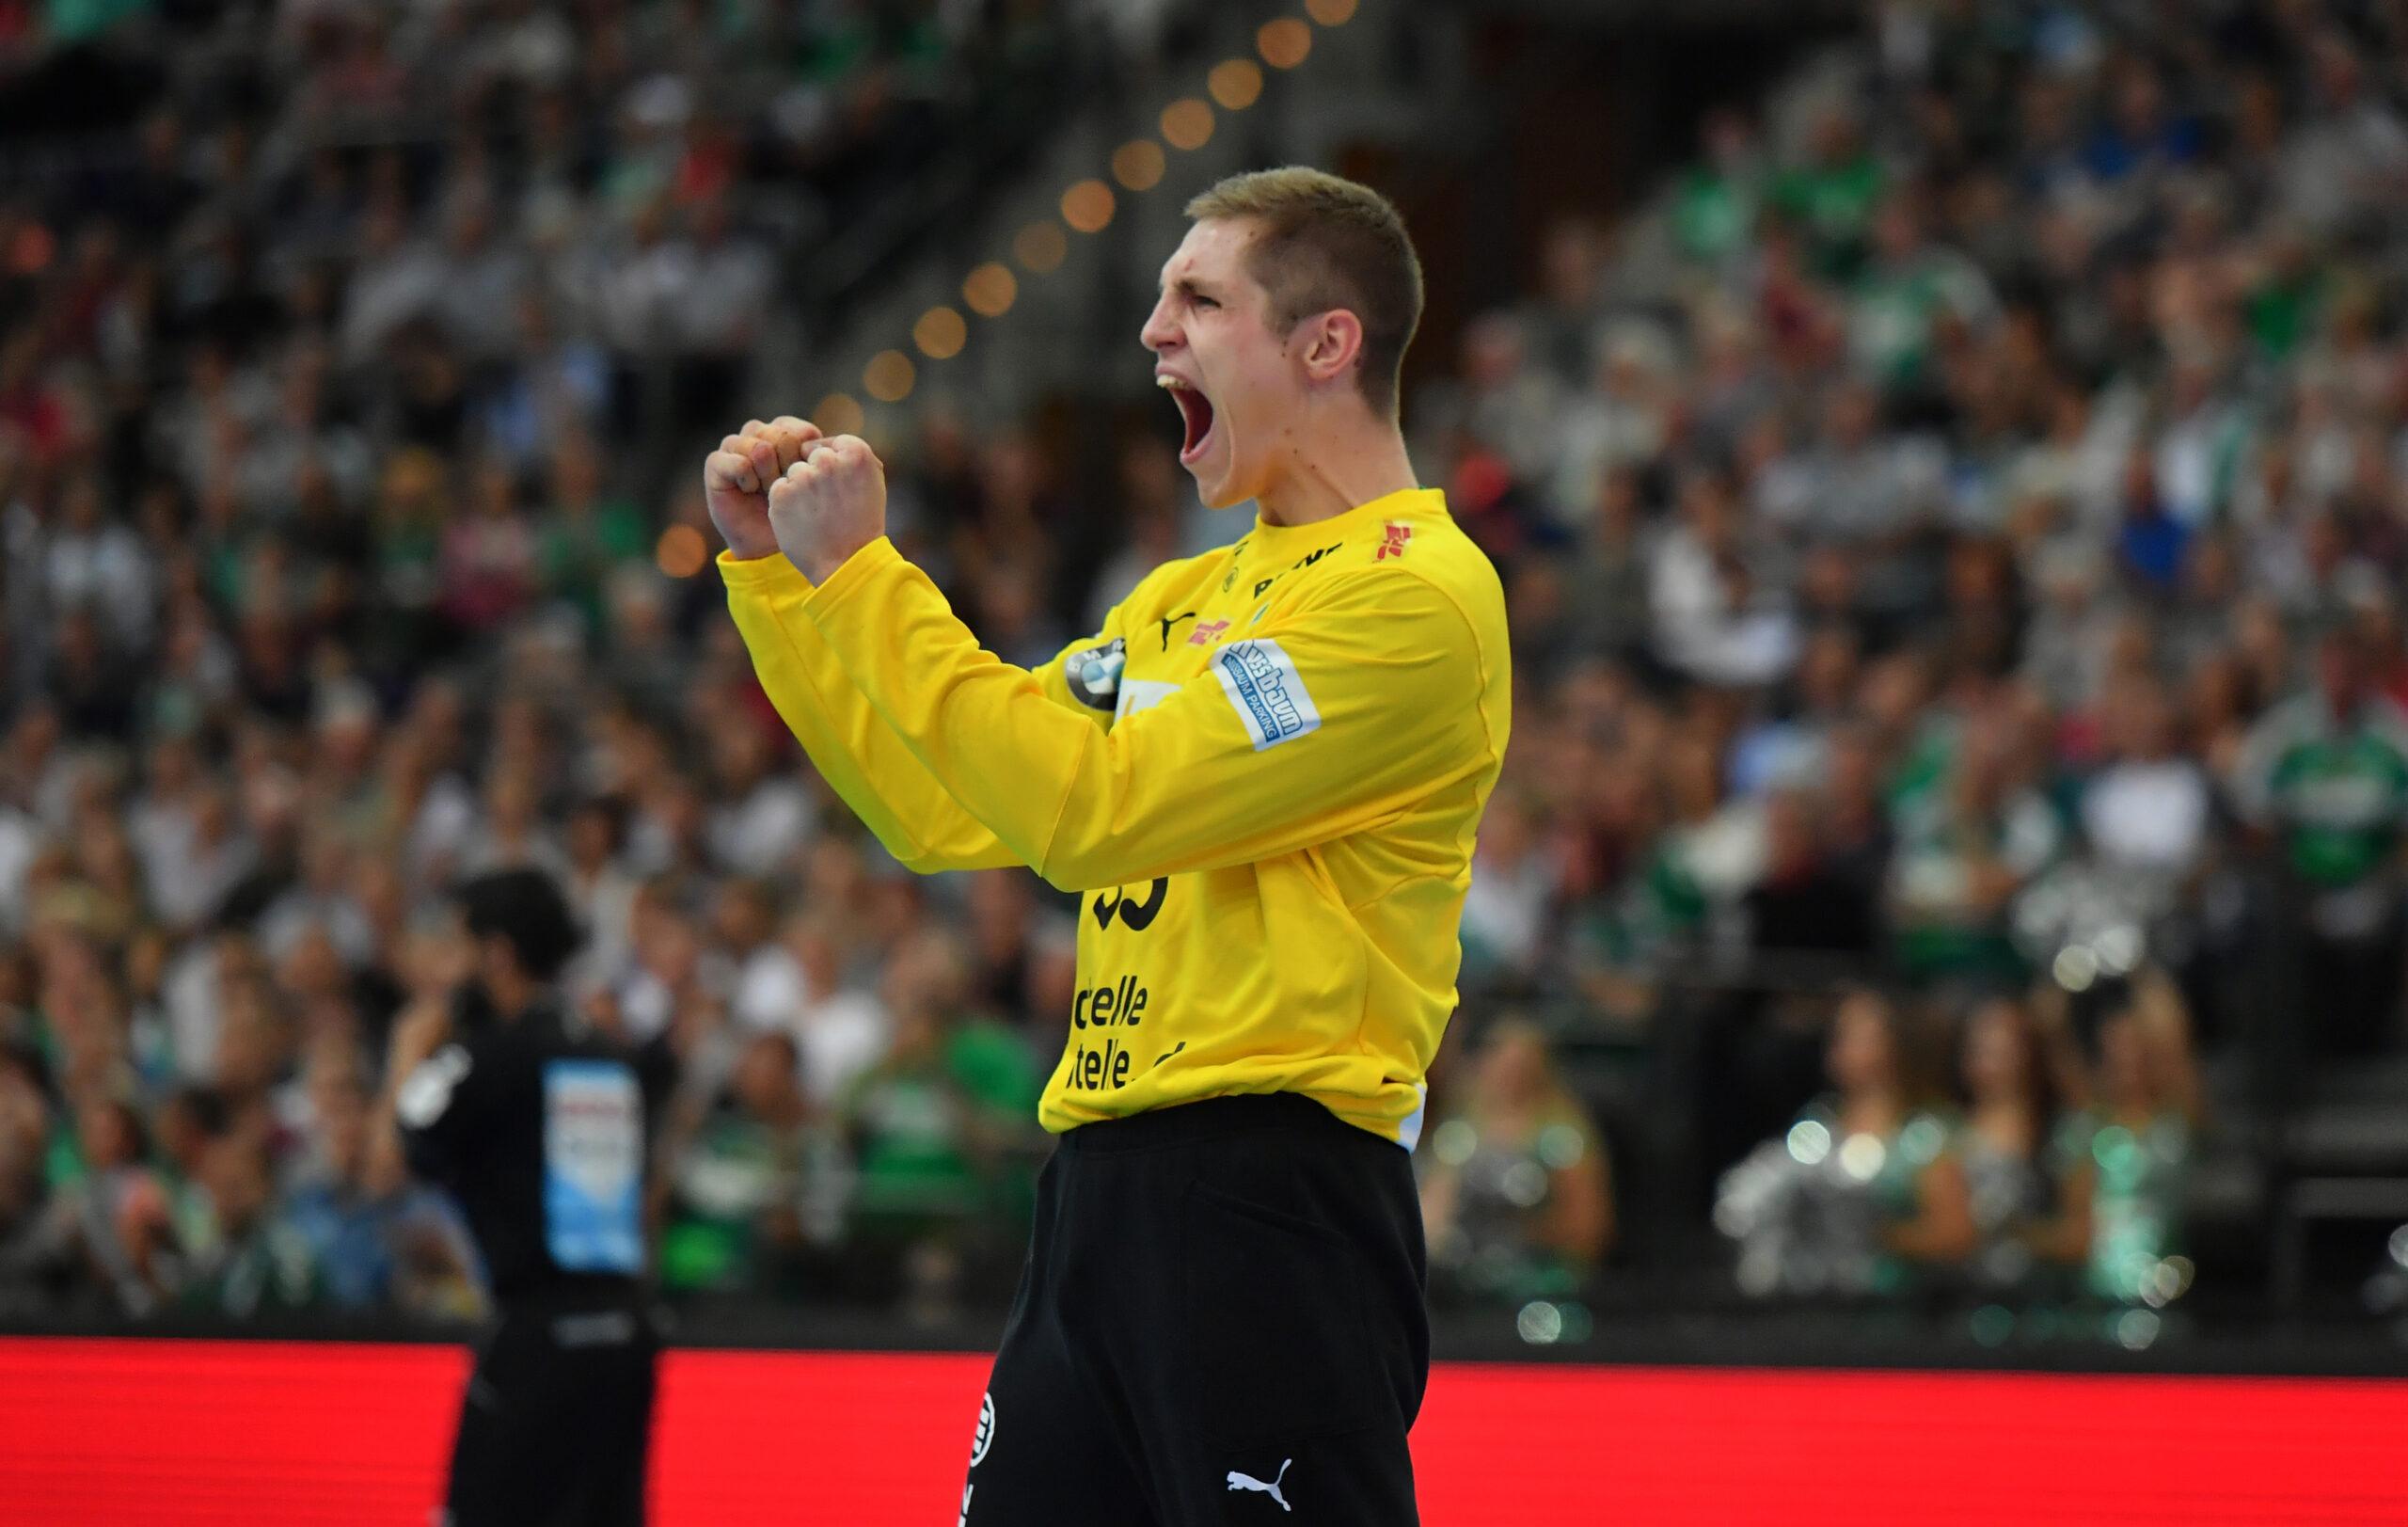 Handball mit Audiodeskription: Joel Birlehm – Handball-Torhüter – mit gelbem Trikot und langer schwarzer Hose. Verschwommen im Hintergrund sind zahlreiche Handballfans. Joel hat die Fäuste vor dem Körper geballt und den Mund von einem Jubelschrei weit geöffnet, Foto: Rainer Justen.